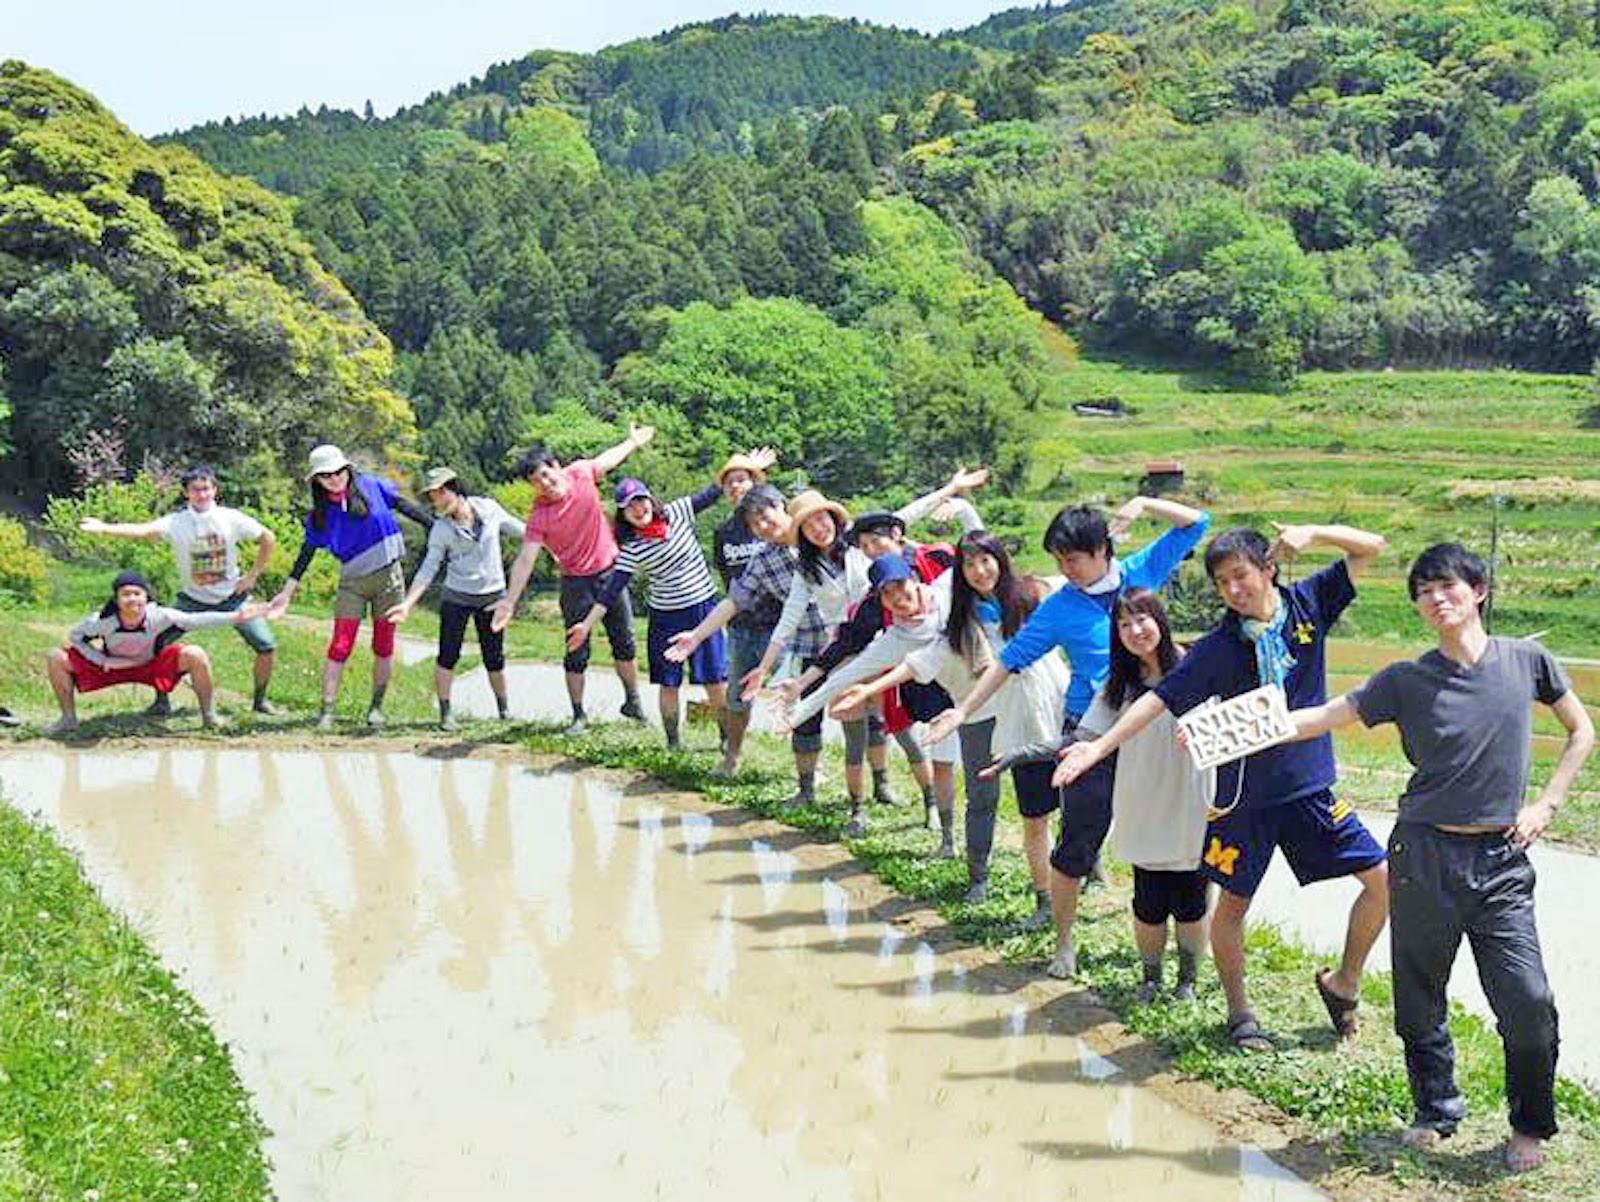 千葉県の大山千枚田での米作り。東京から一番近い棚田と言われています。